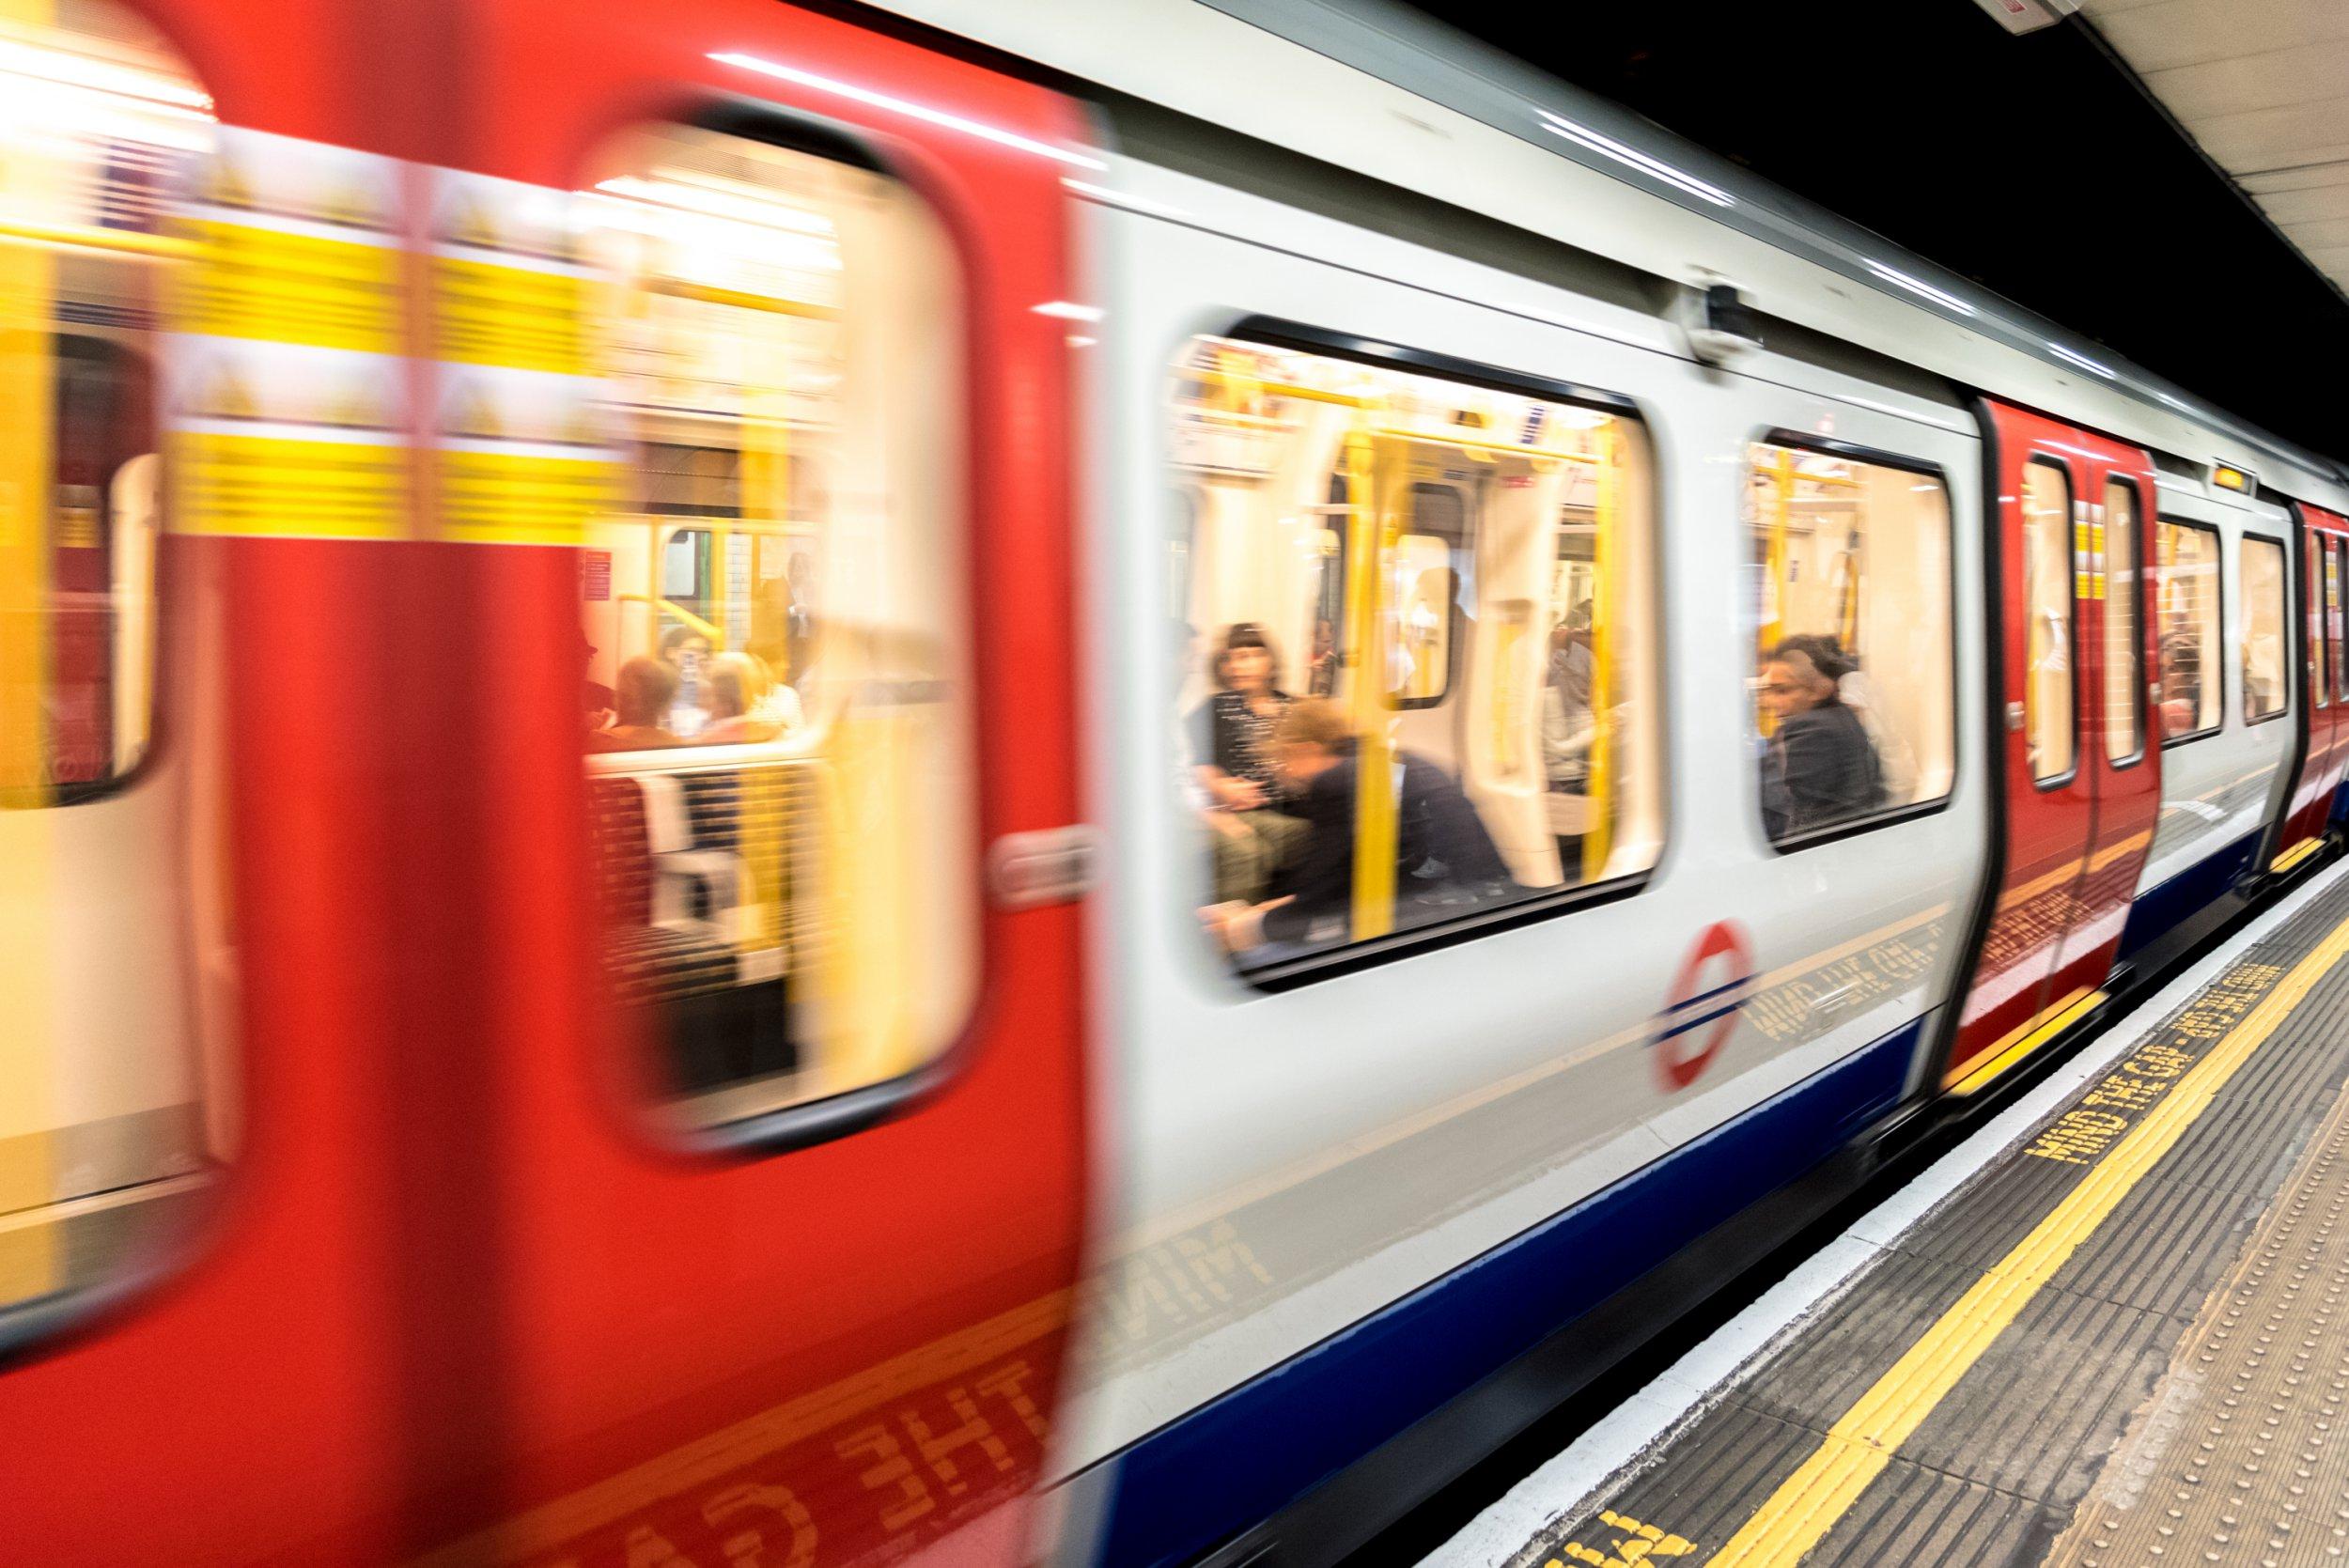 Man arrested on suspicion of sexual assaults on sleeping men on London Underground